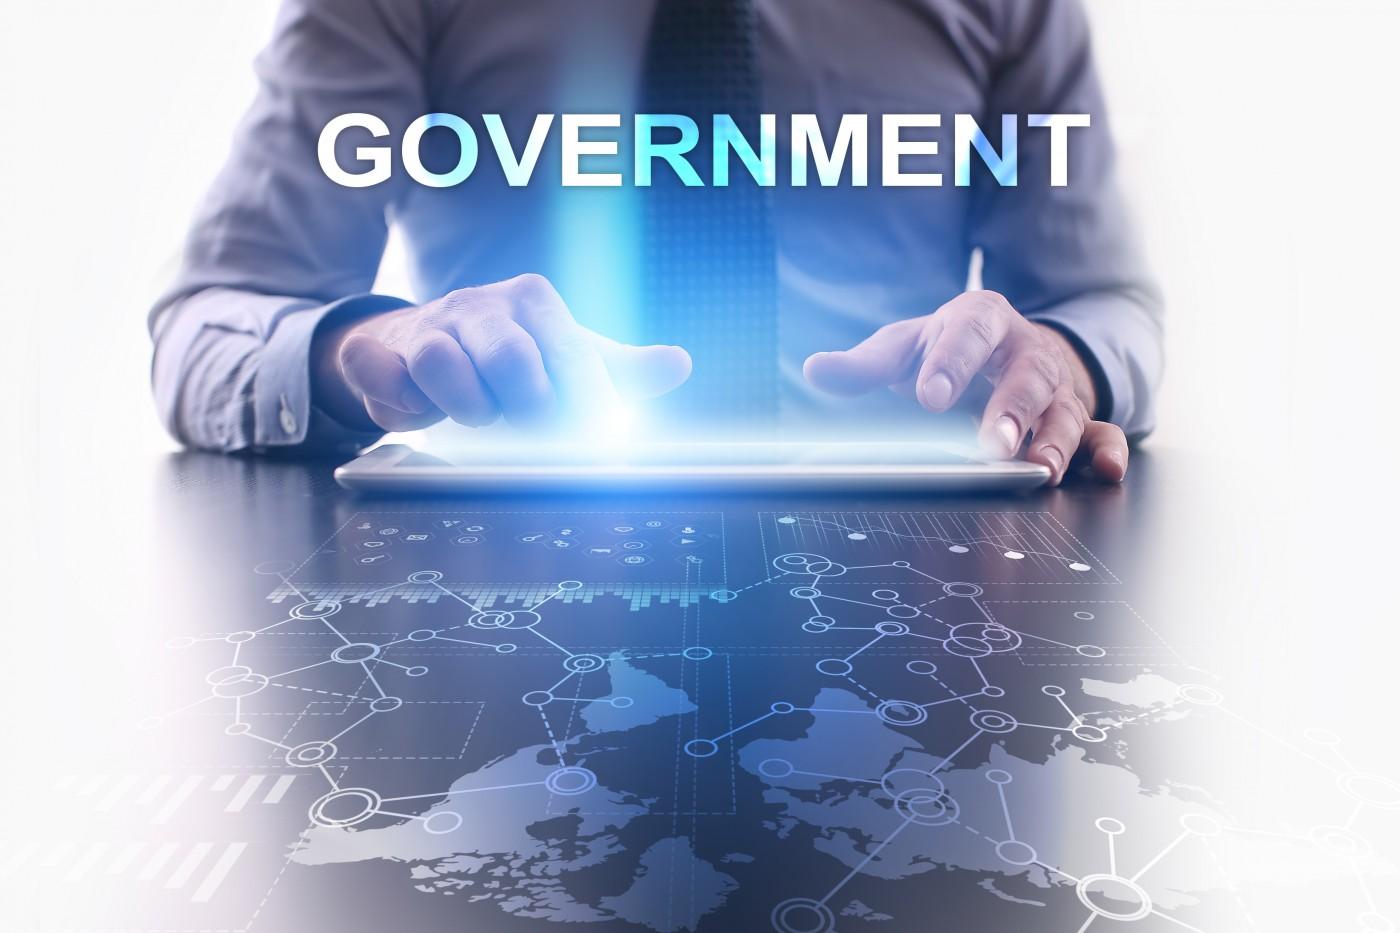 台灣開放資料該怎麼做?突破政府的「穀倉效應」